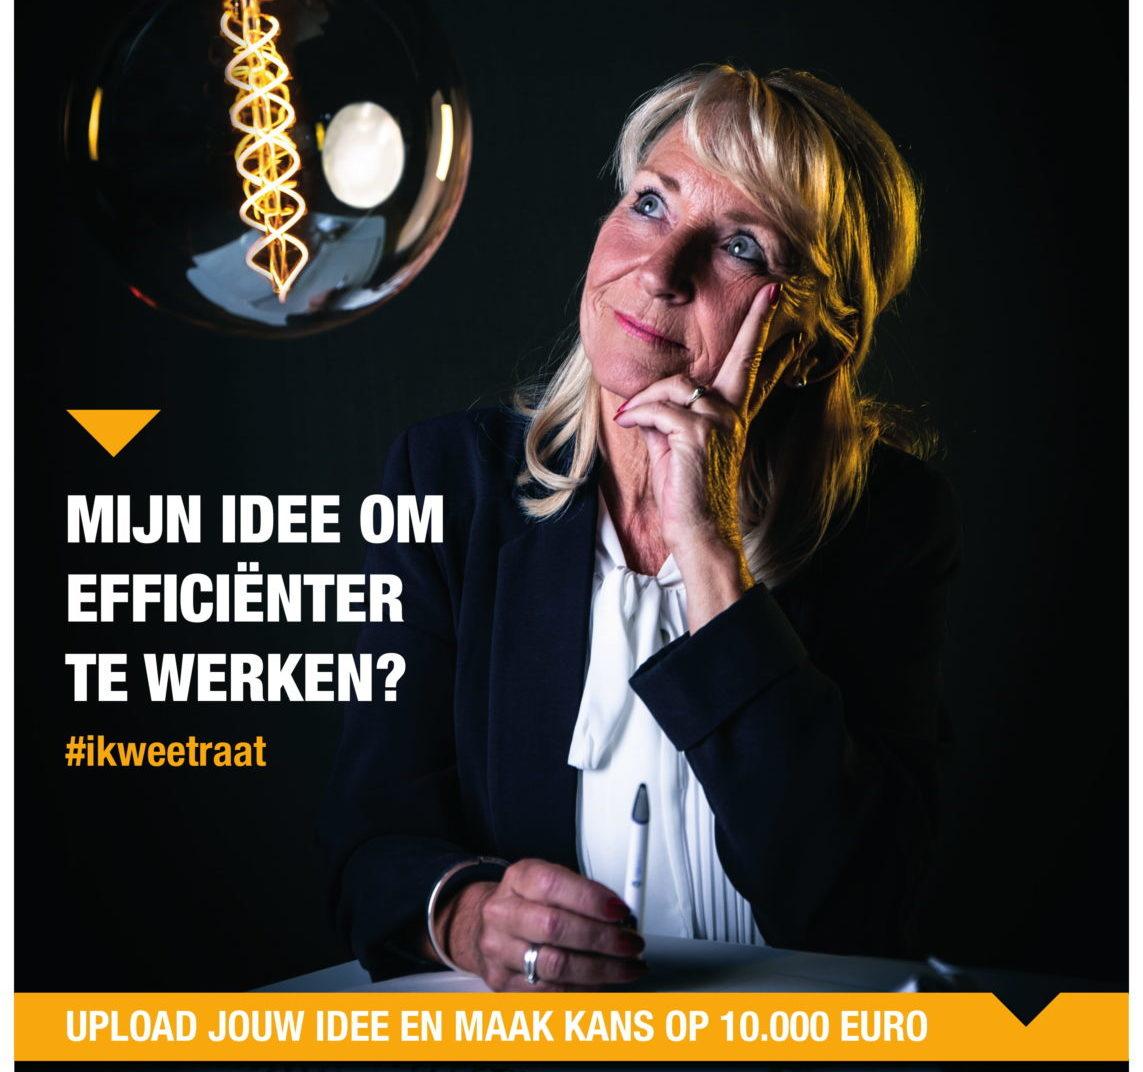 Upload jouw idee voor meer werkplezier op IkweetRAAT.nl